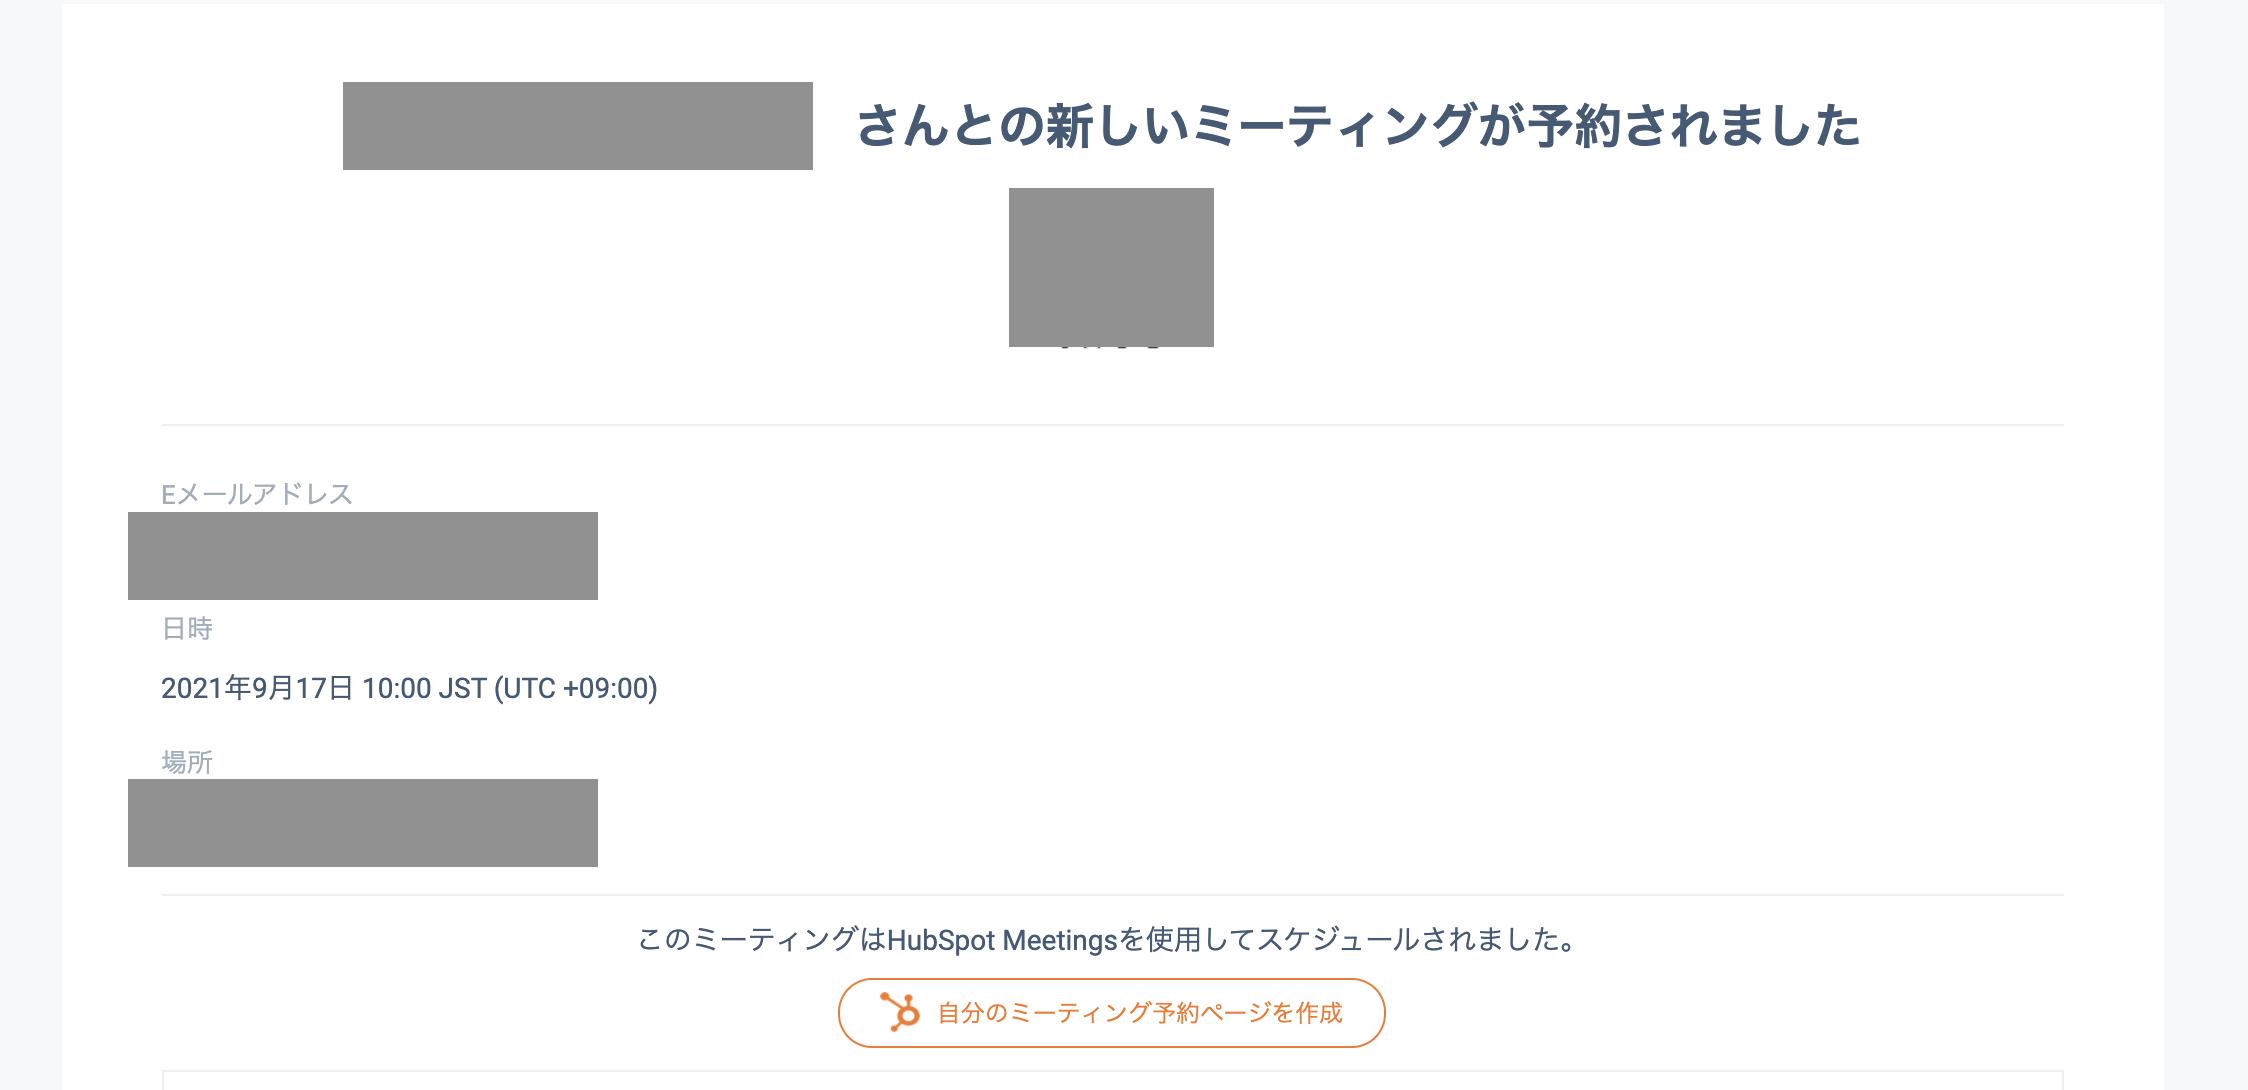 スクリーンショット 2021-09-09 16.11.59